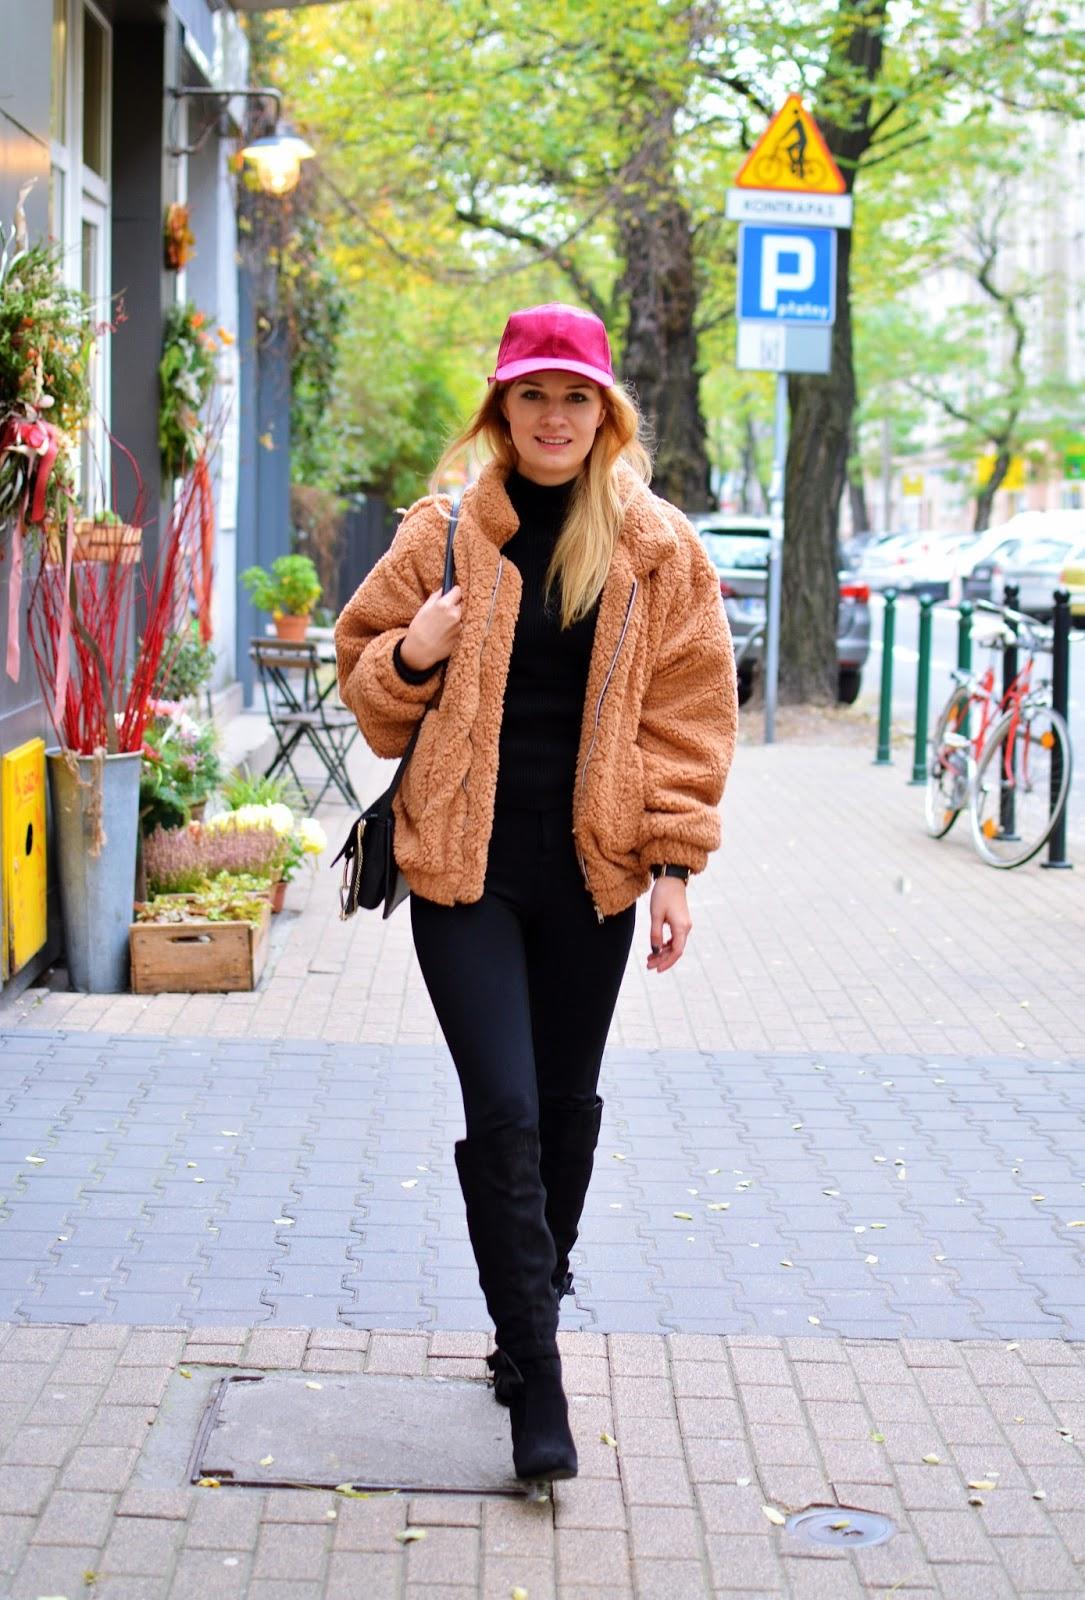 sztuczne, futro, czapeczka, jesień, zima, blog, blogerka, must have, stylizacja, poznań